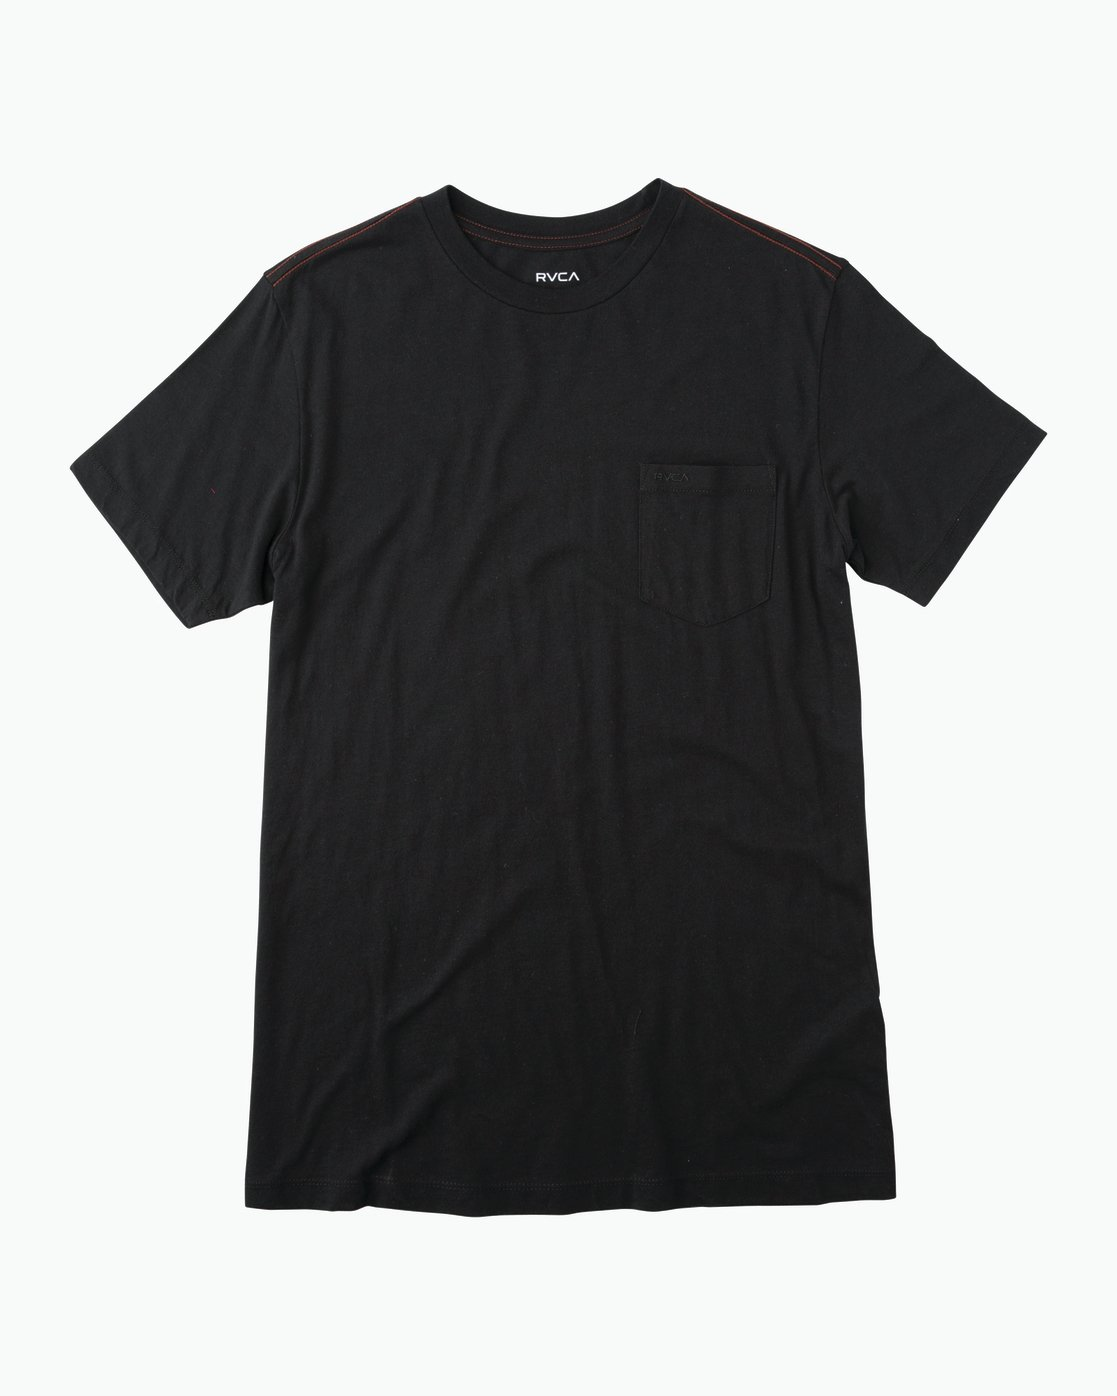 0 PTC 2 T-Shirt Black M5912PTC RVCA